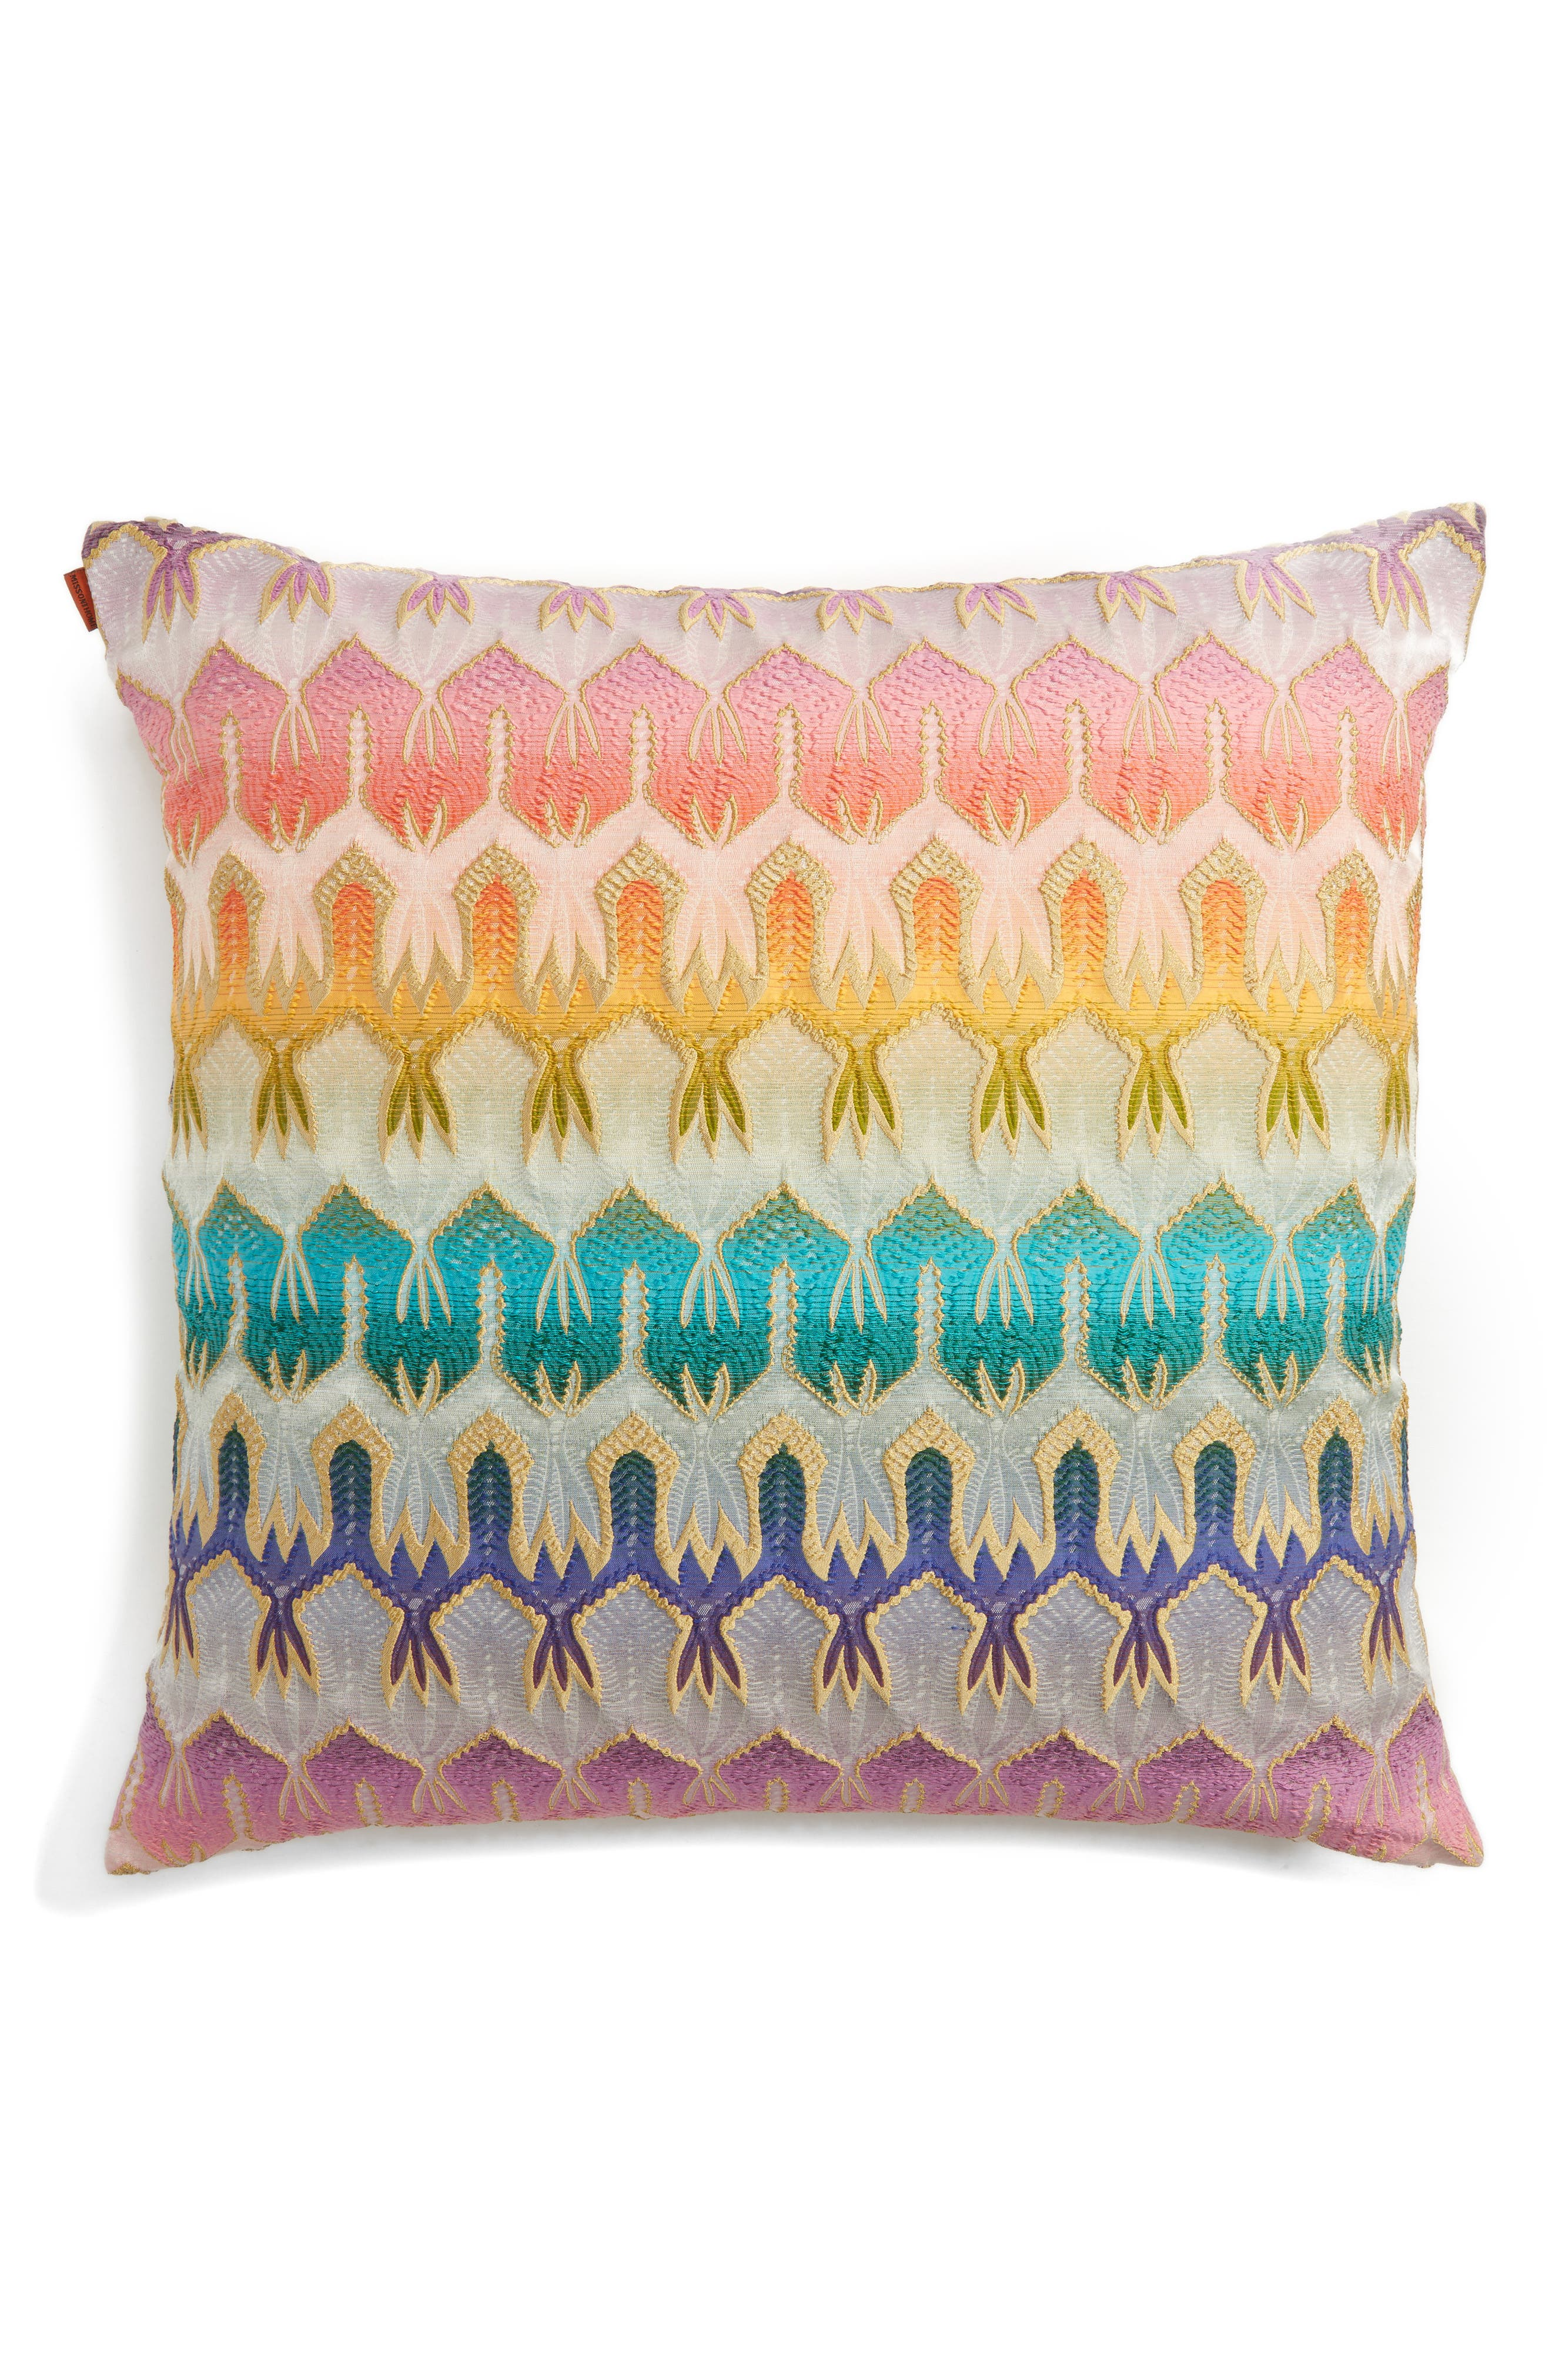 Pasadena Accent Pillow,                         Main,                         color, 400